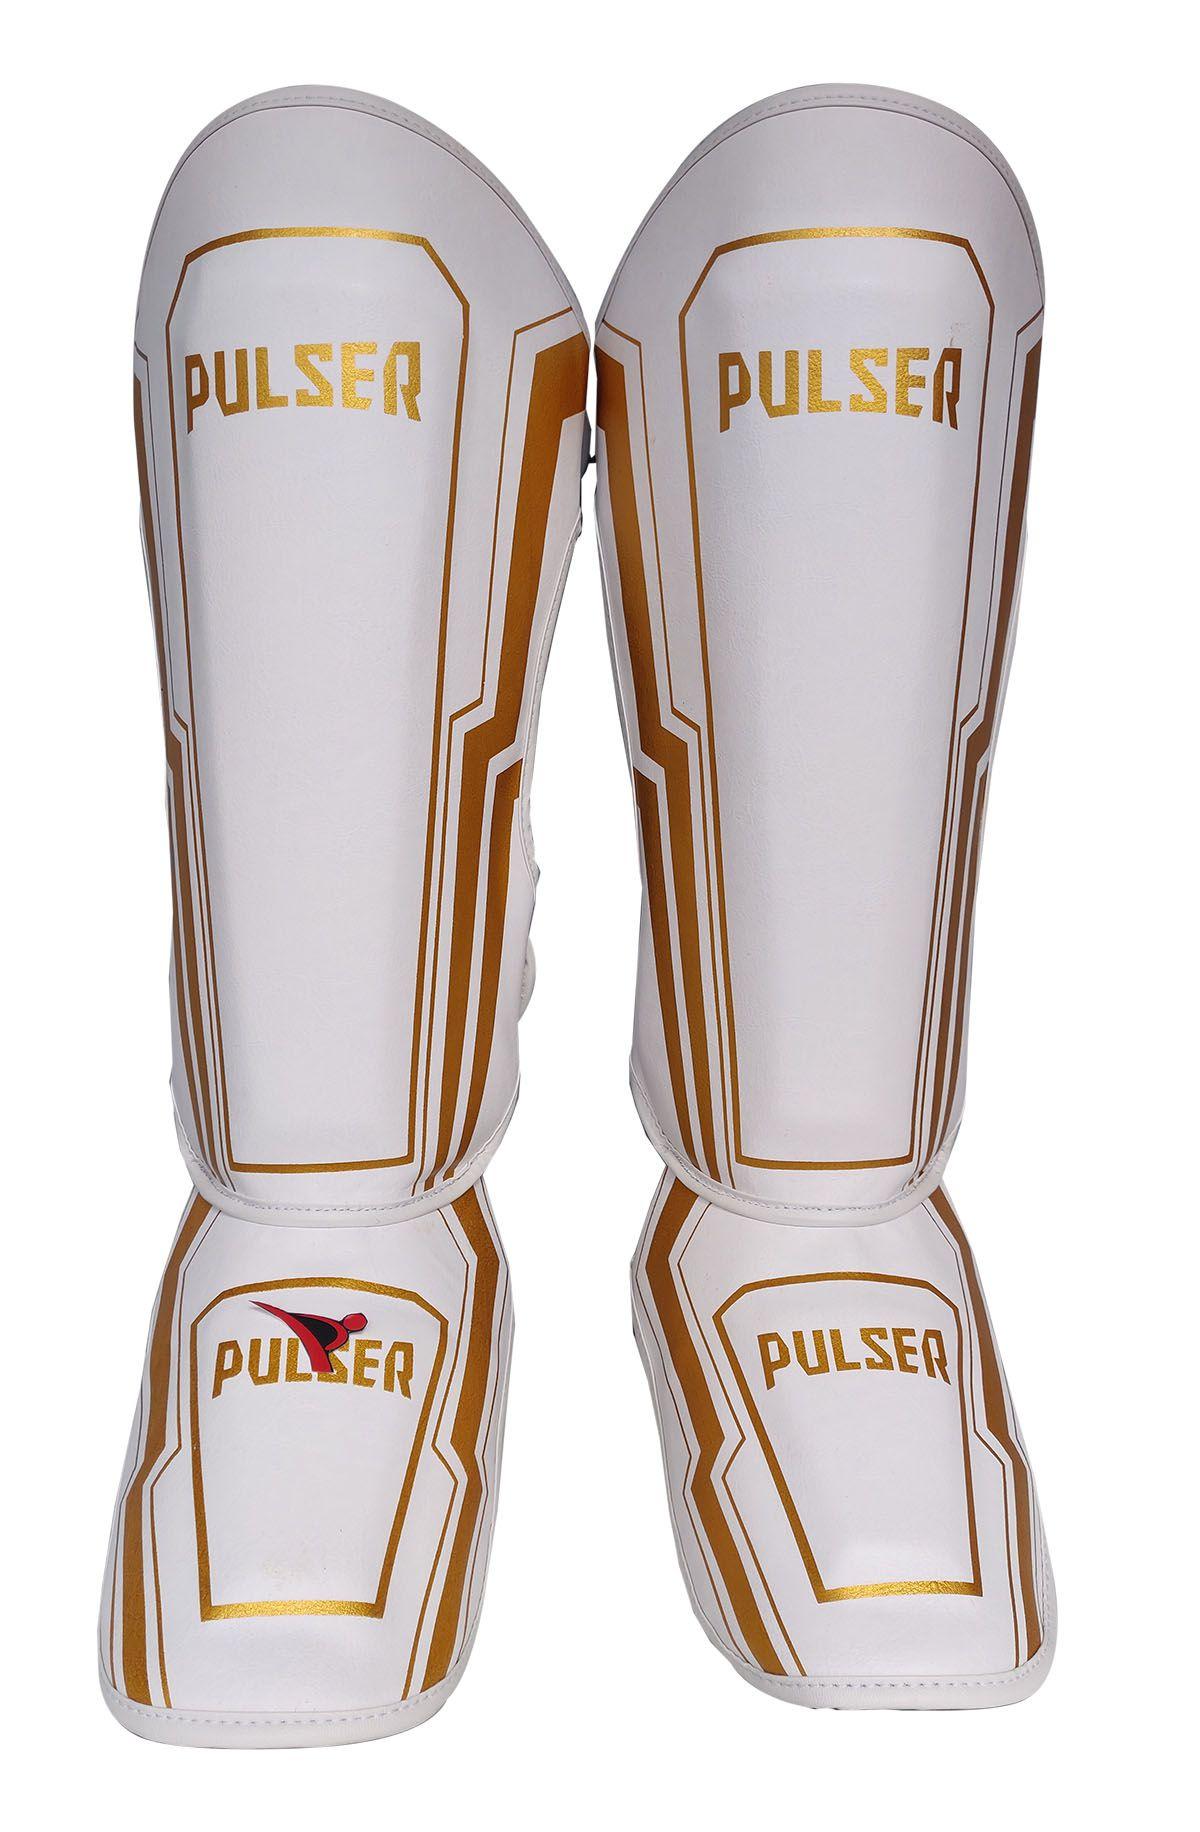 Caneleira Muay Thai MMA Branco Iron Média 30mm - Pulser  - PRALUTA SHOP